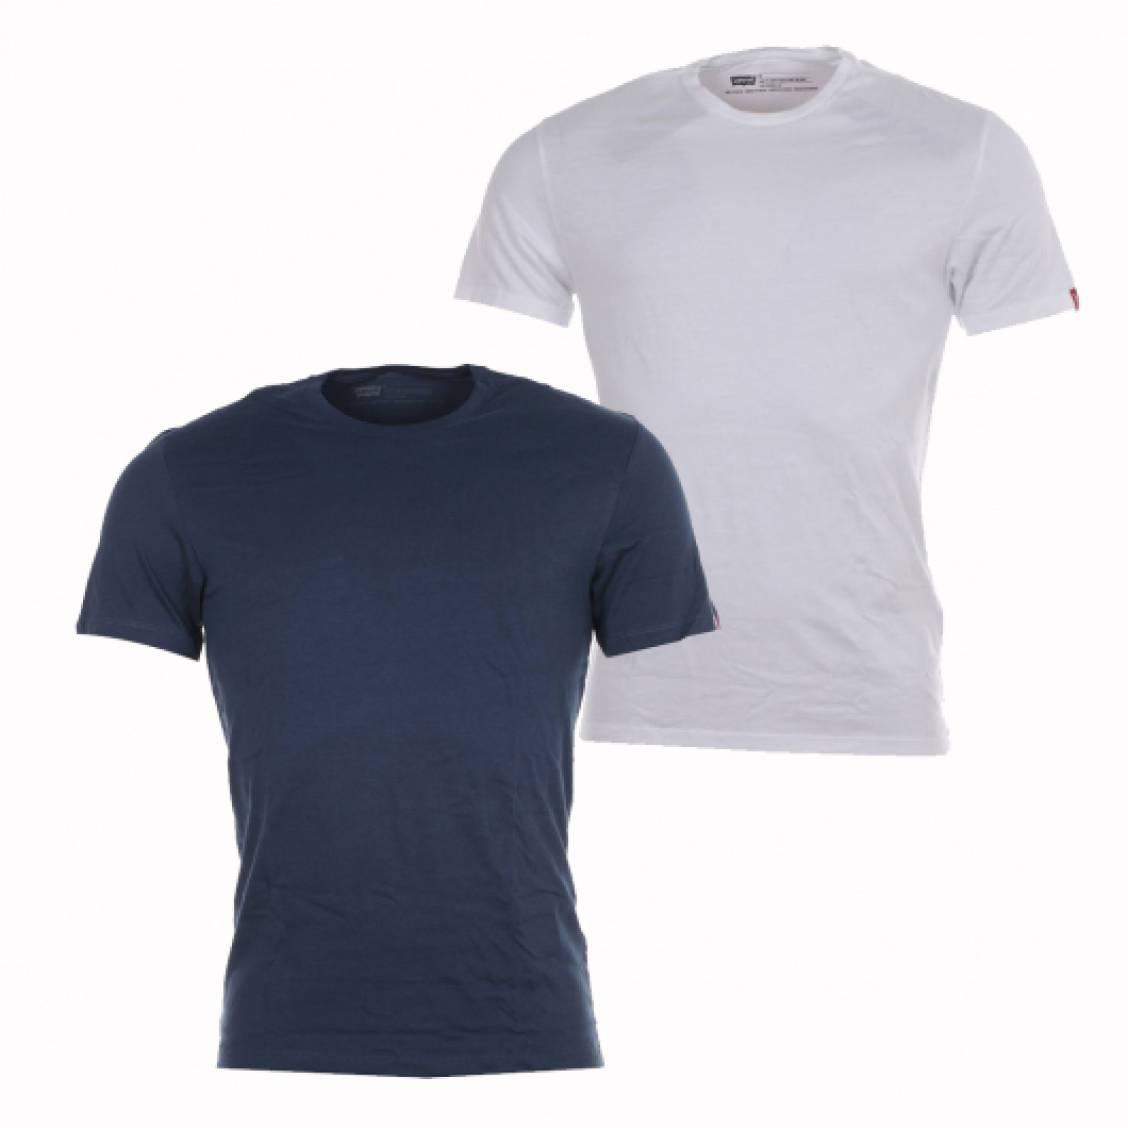 lot de 2 tee shirts col rond levi 39 s en coton blanc et bleu marine rue des hommes. Black Bedroom Furniture Sets. Home Design Ideas